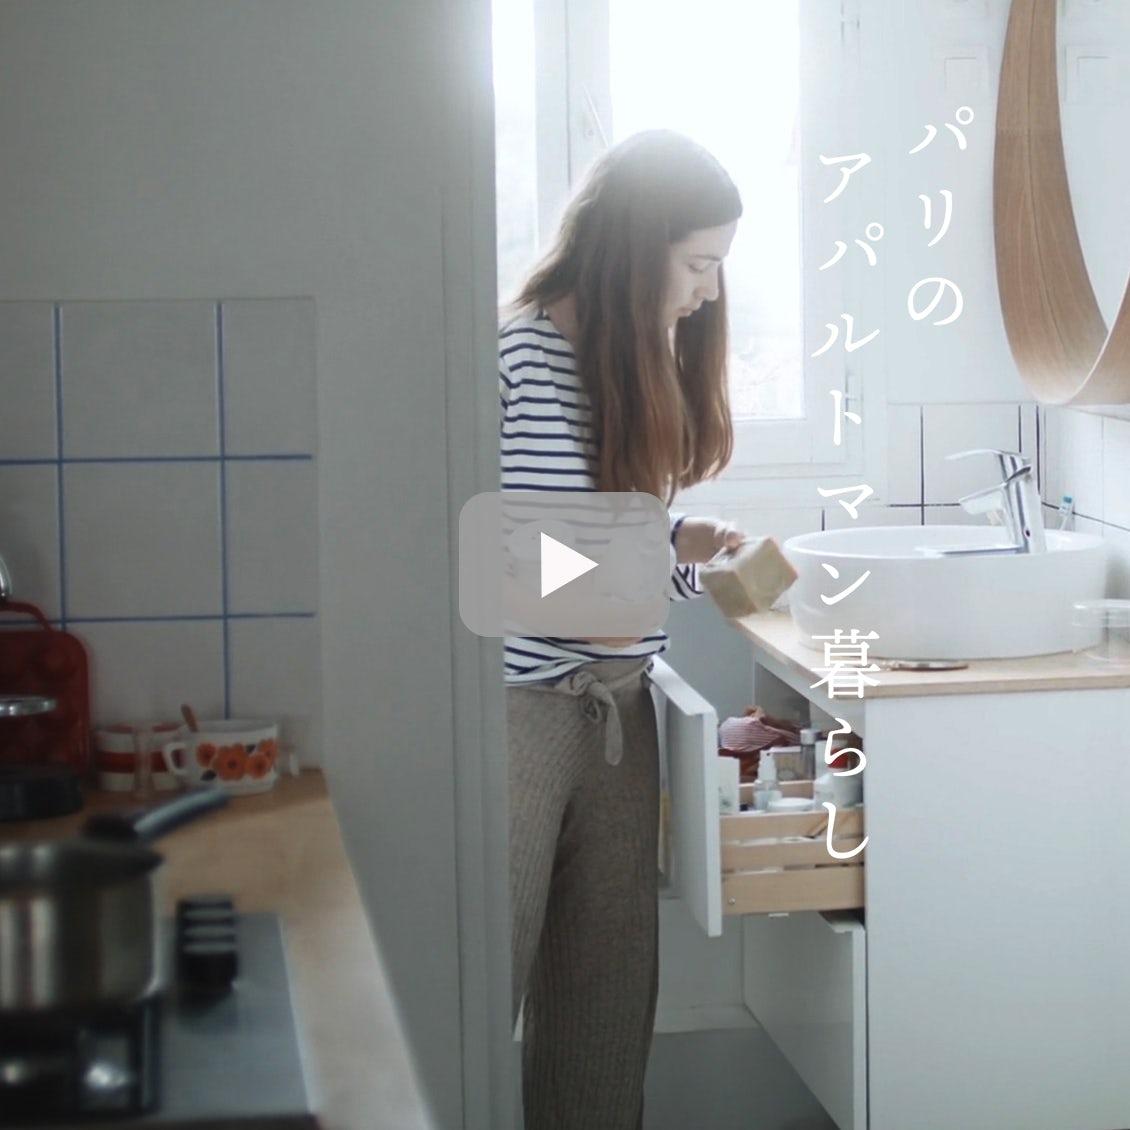 【パリのアパルトマン暮らし】クロエさんの洗濯事情と家ごもりお絵かき会